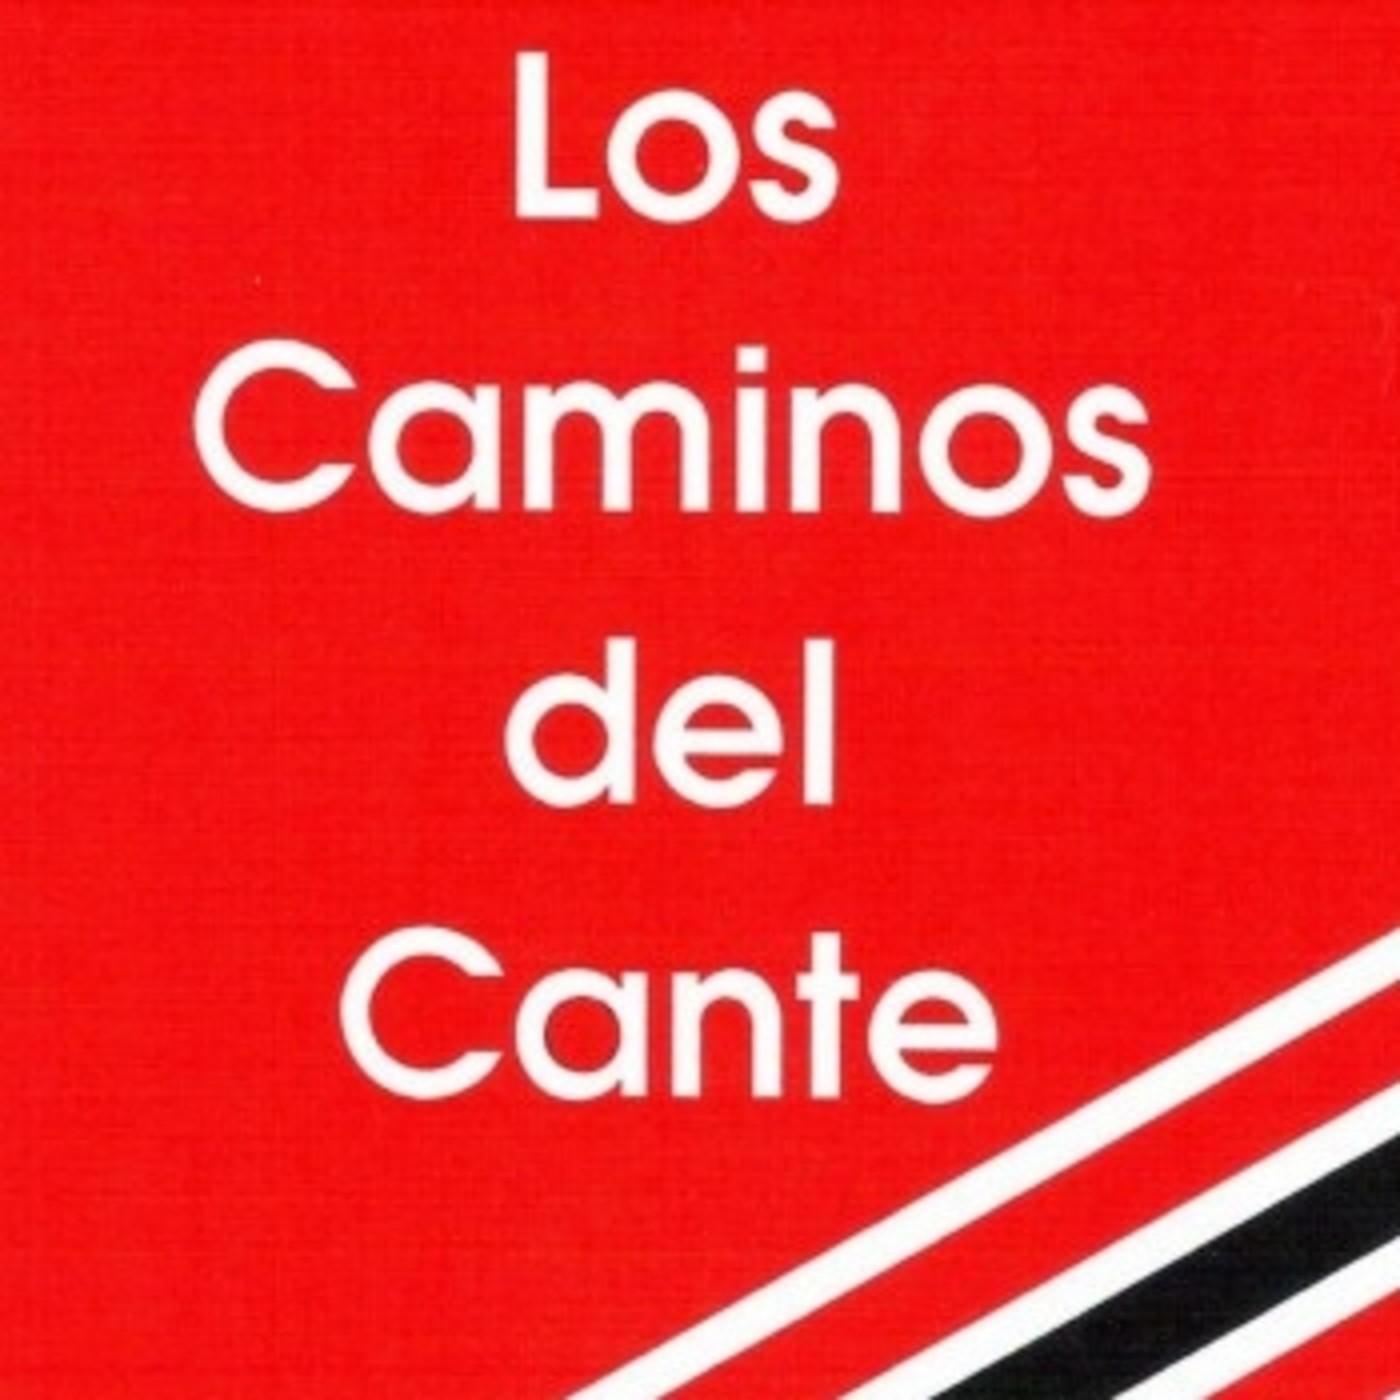 #loscaminospodcats: Ezequiel Benítez, sonido directo Viernes Flamencos 2020